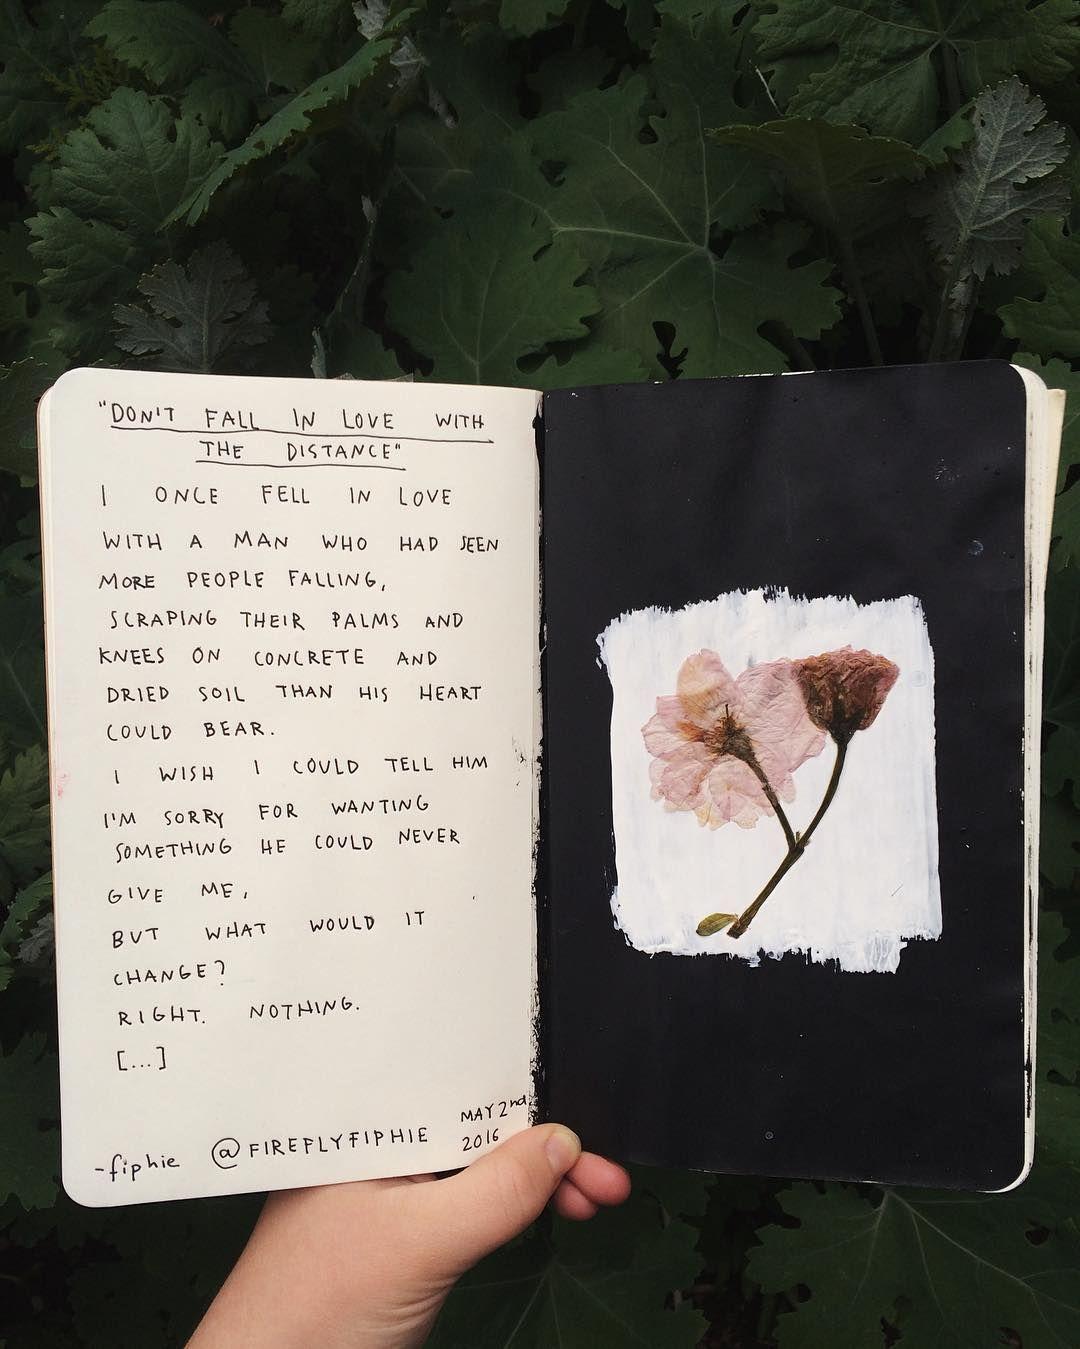 500+ Good Instagram Bios & Quotes